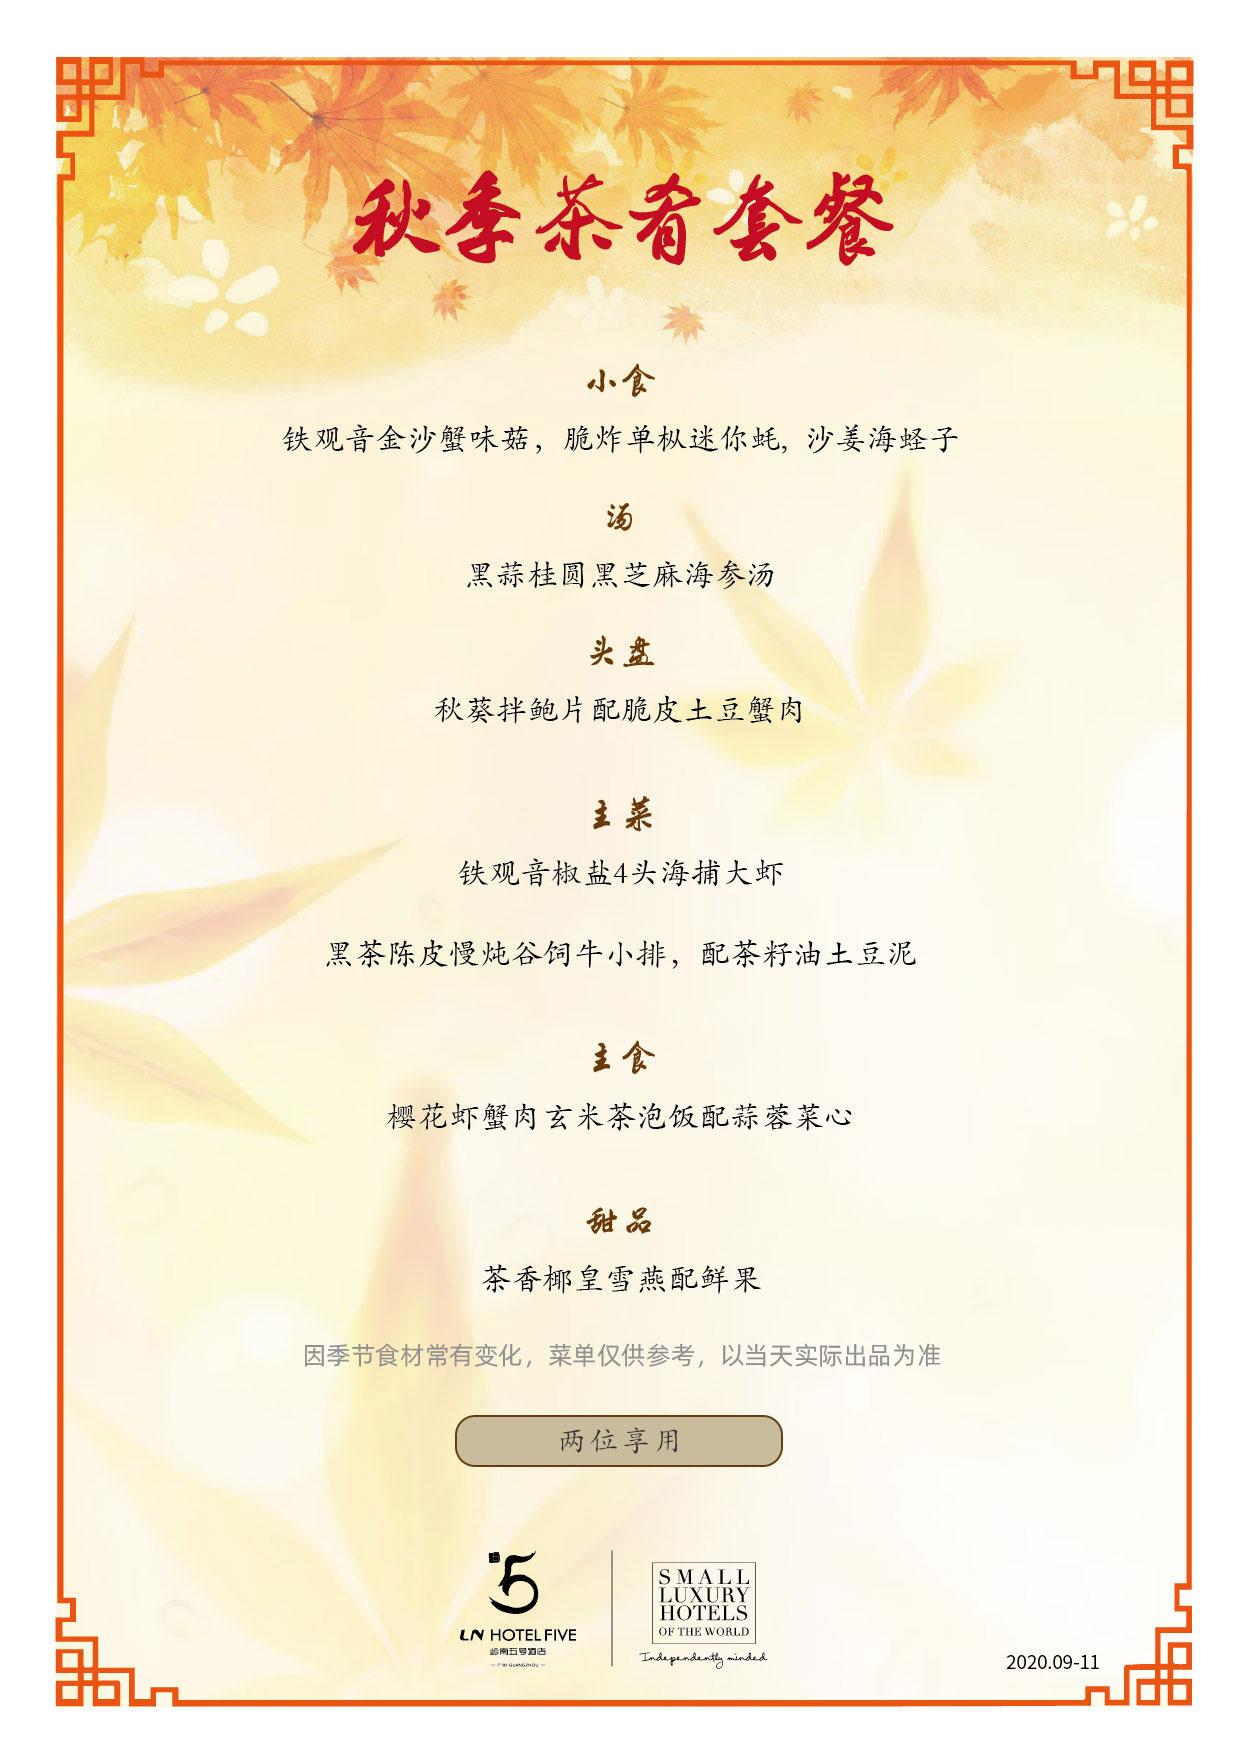 03金秋茶肴套餐(双人)(2).jpg